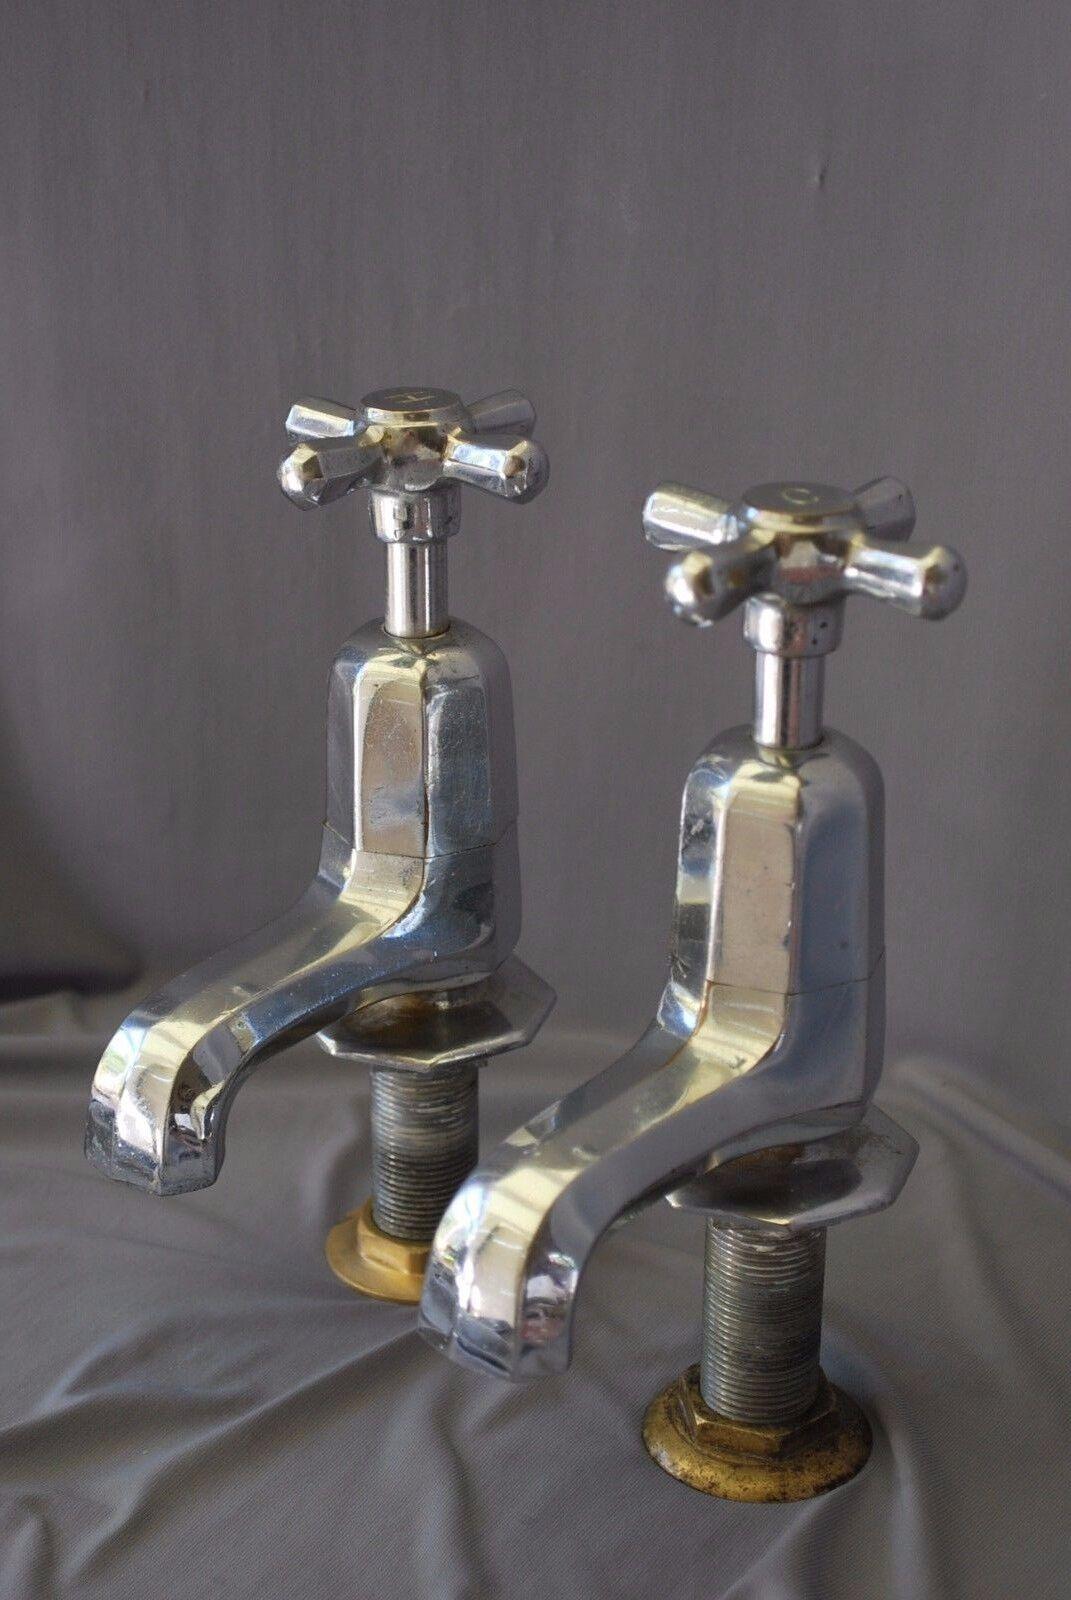 Ancien Chrome bain Robinets art deco antique salle de bains Reclaimed & entièrement remis à neuf